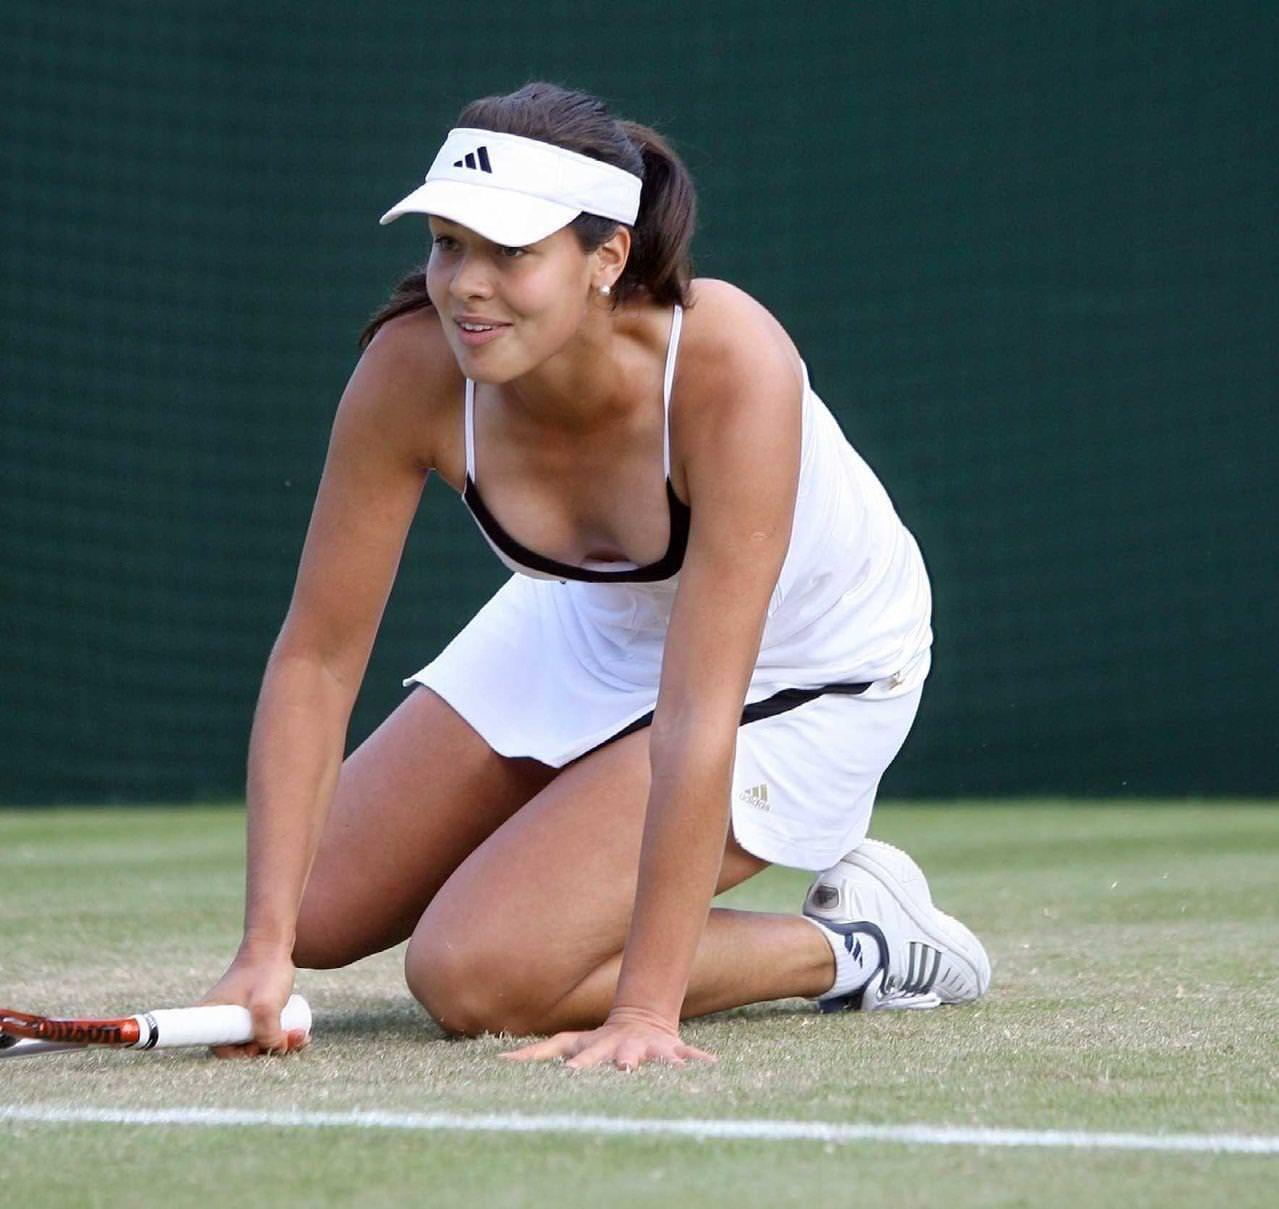 エロすぎる海外の女子テニスプレイヤー 21